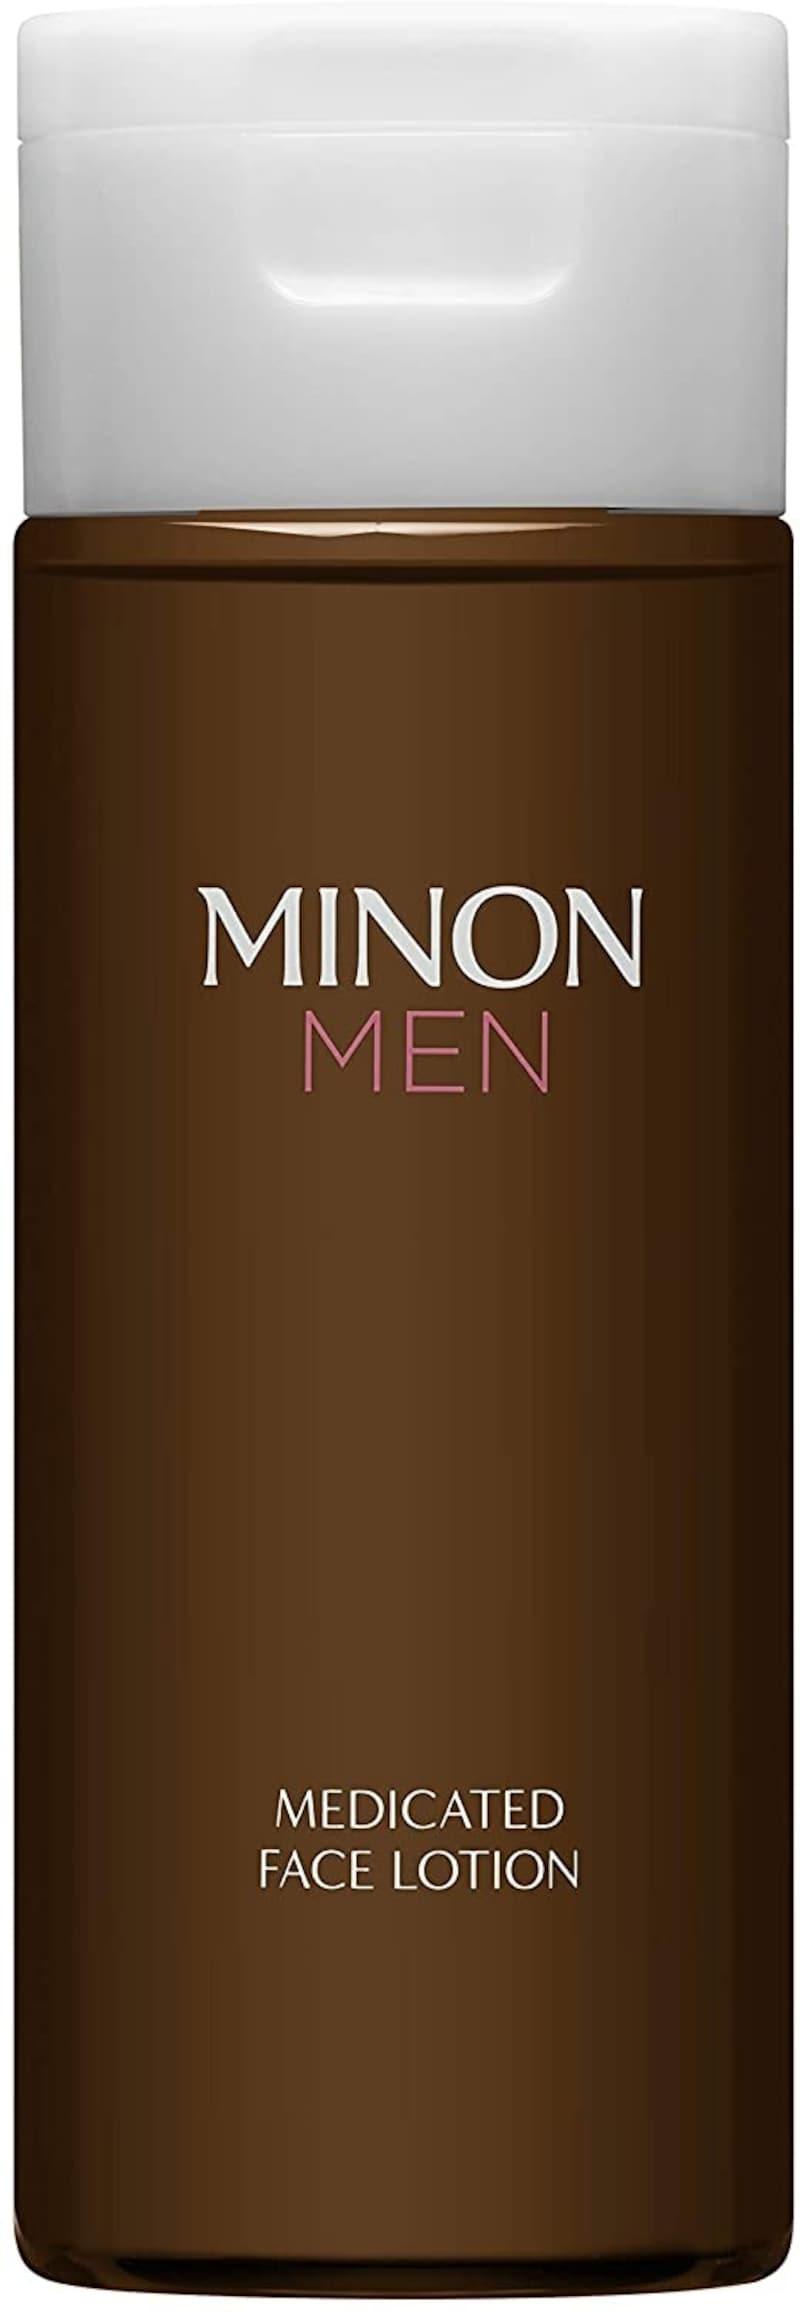 第一三共ヘルスケア, MINON MEN(ミノンメン)薬用フェイスローション